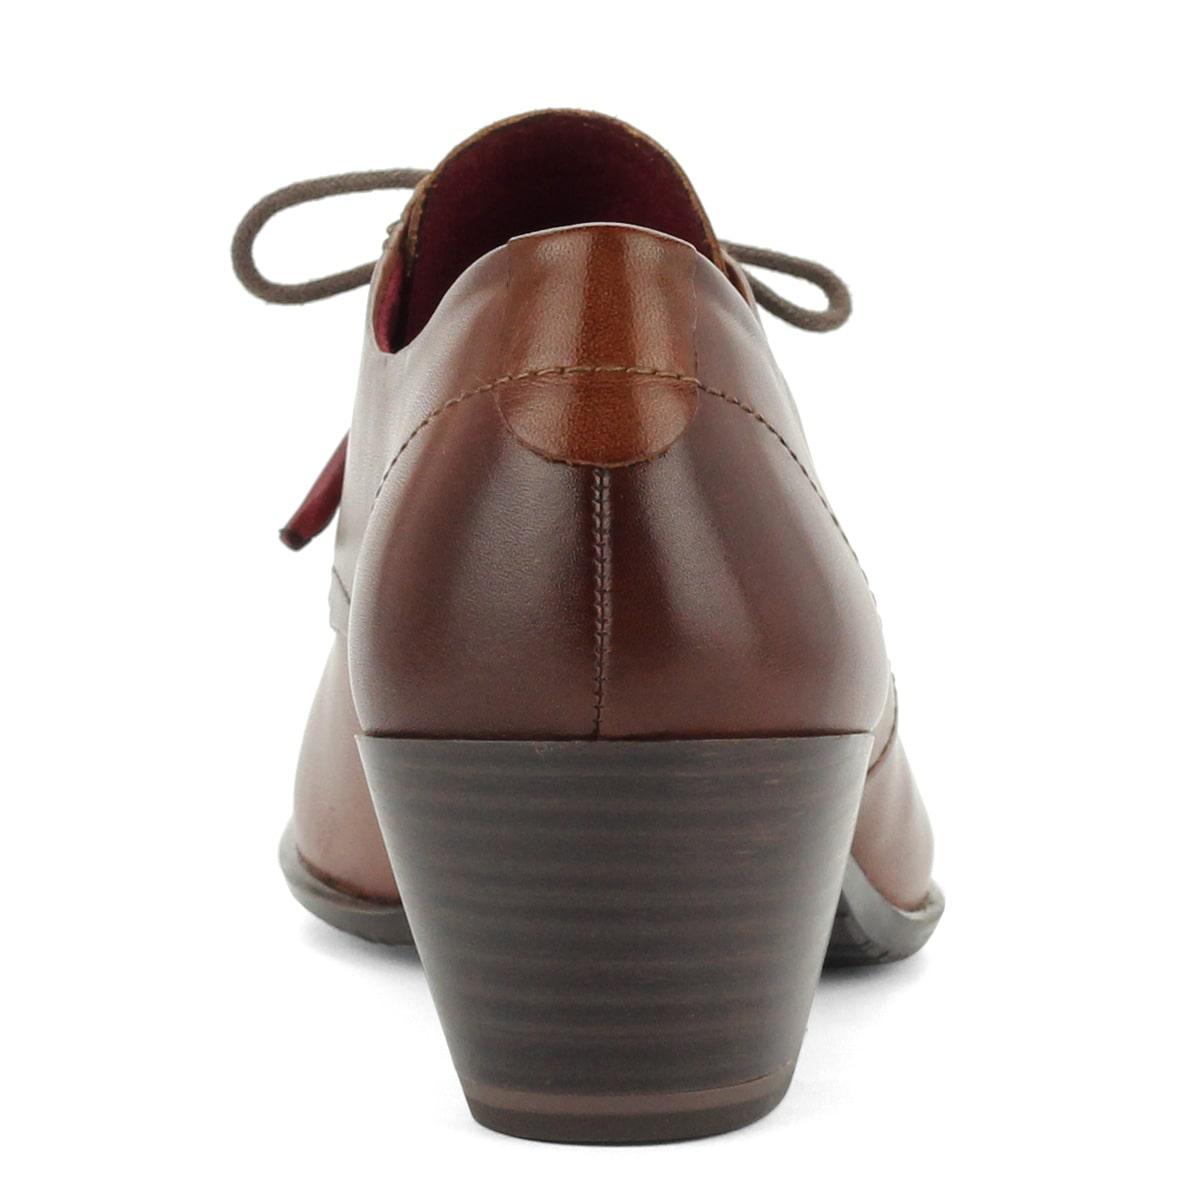 d9f289b449 ... 5 cm magas Antishokk sarokkal készült bőr Tamaris cipő. Memóriahabos  talpbéléssel készült, barna színben. Previous; Next